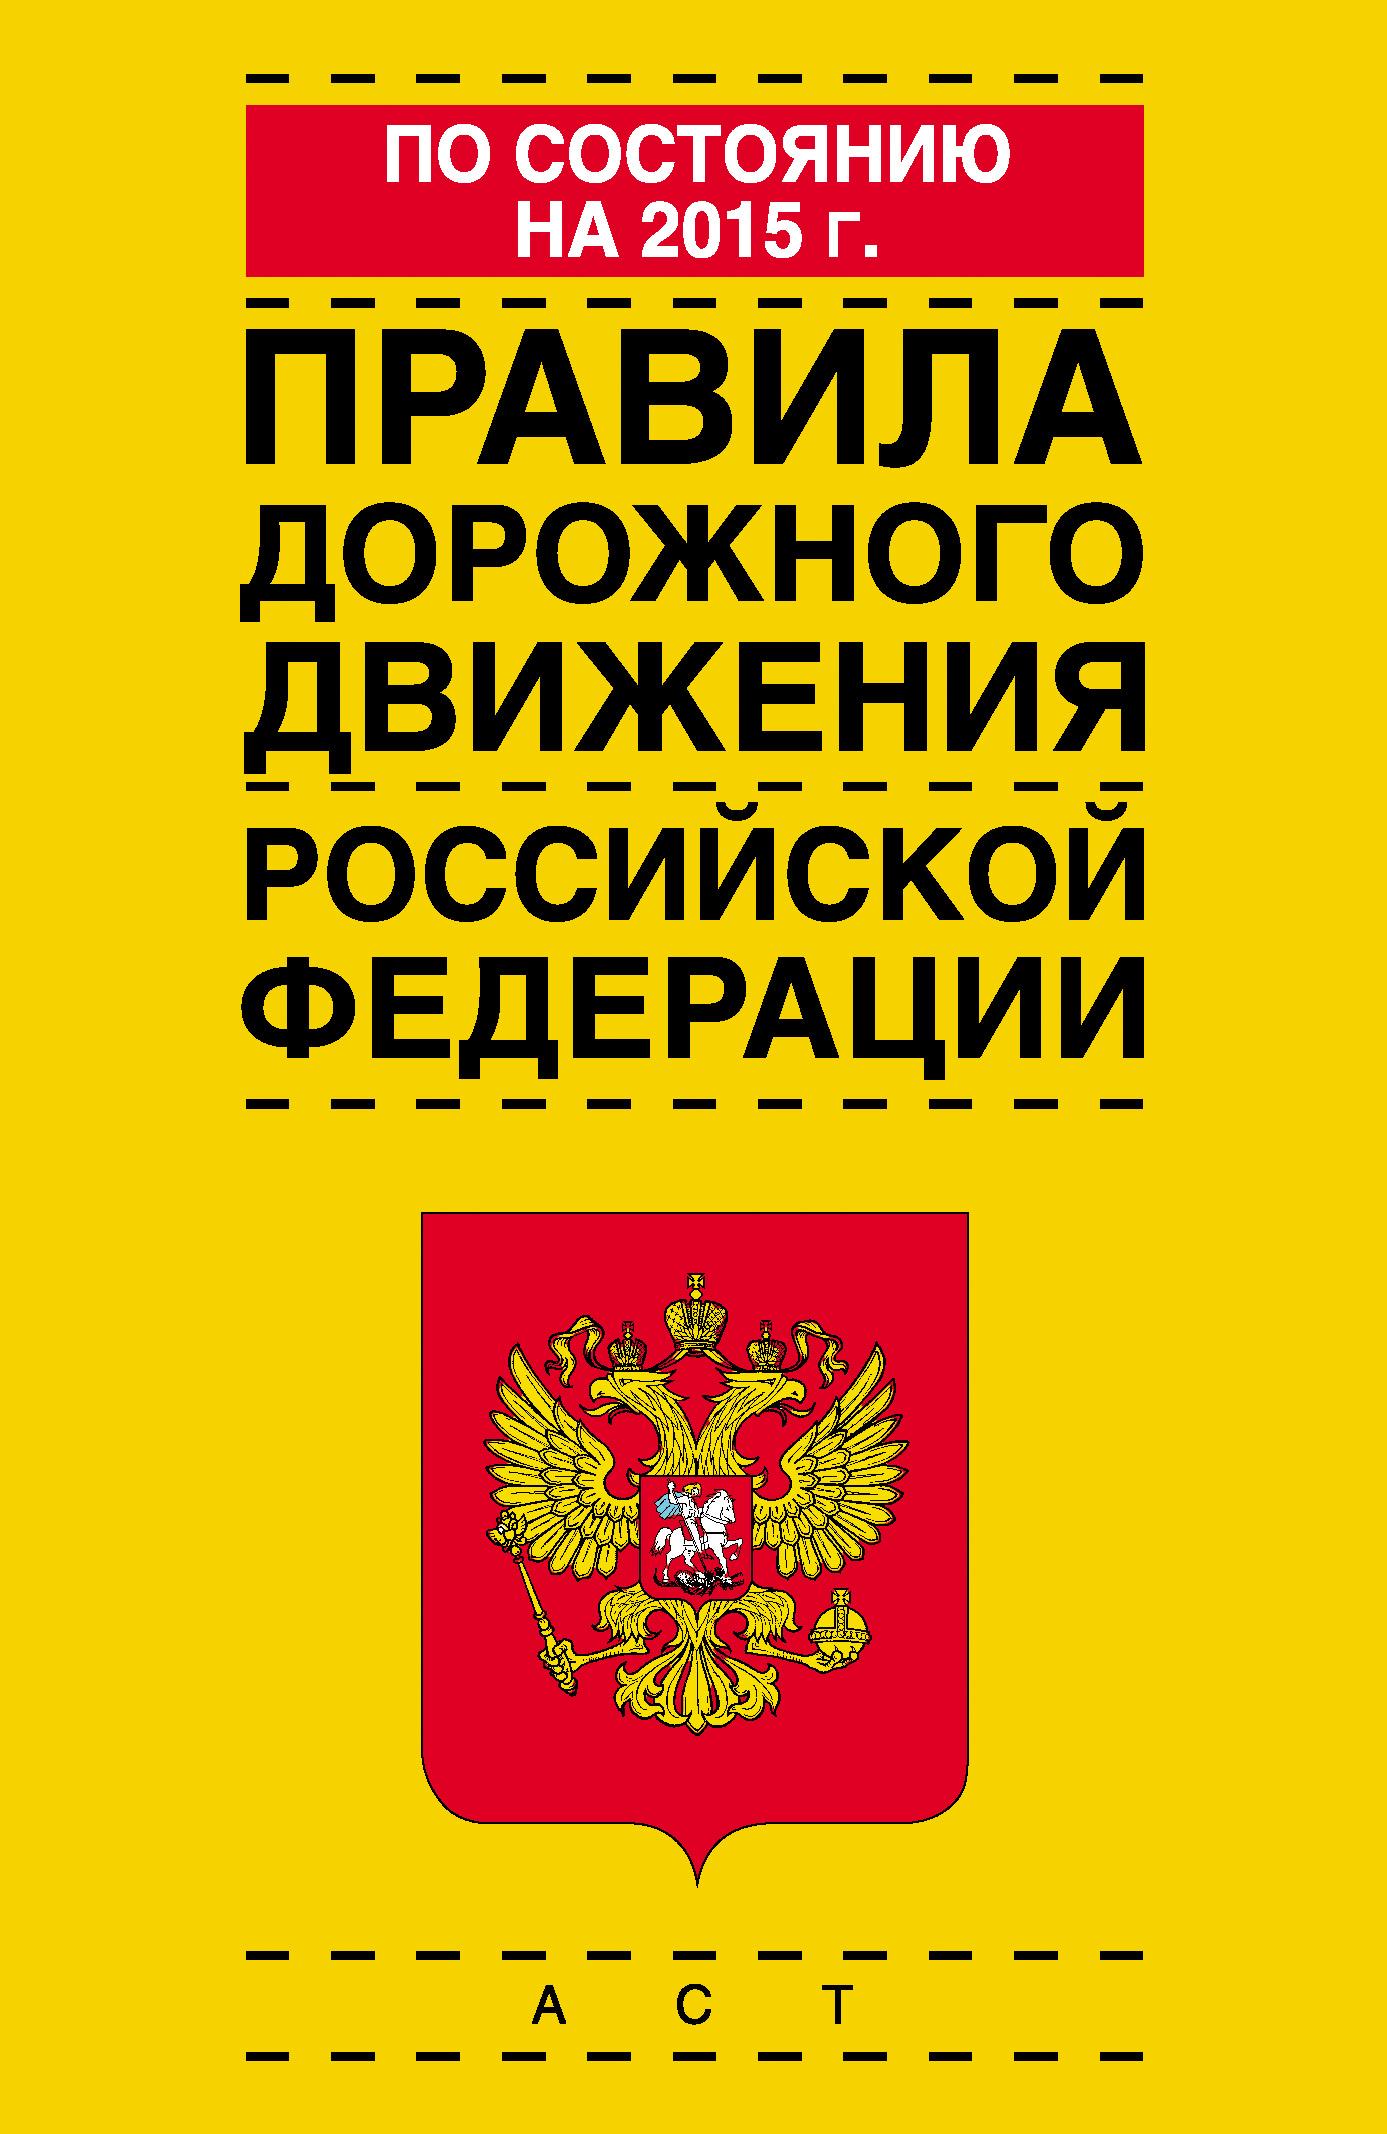 Коллектив авторов Правила дорожного движения Российской Федерации по состоянию на 2015 г. правила дорожного движения российской федерации по состоянию на 2018 год